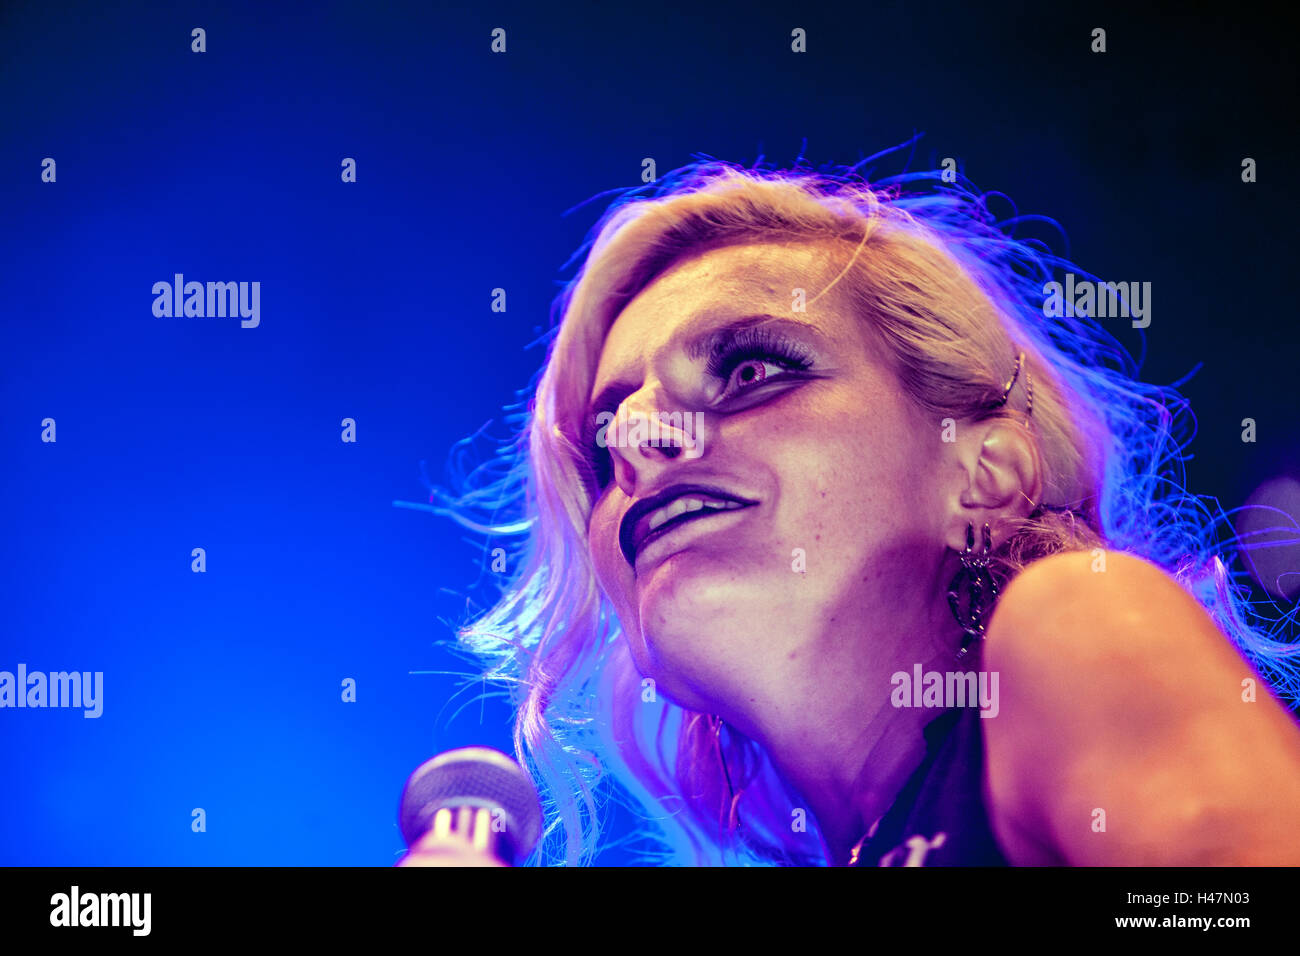 Iva Pazderková, singer of rock group Prazsky vyber, Czech Republic Stock Photo